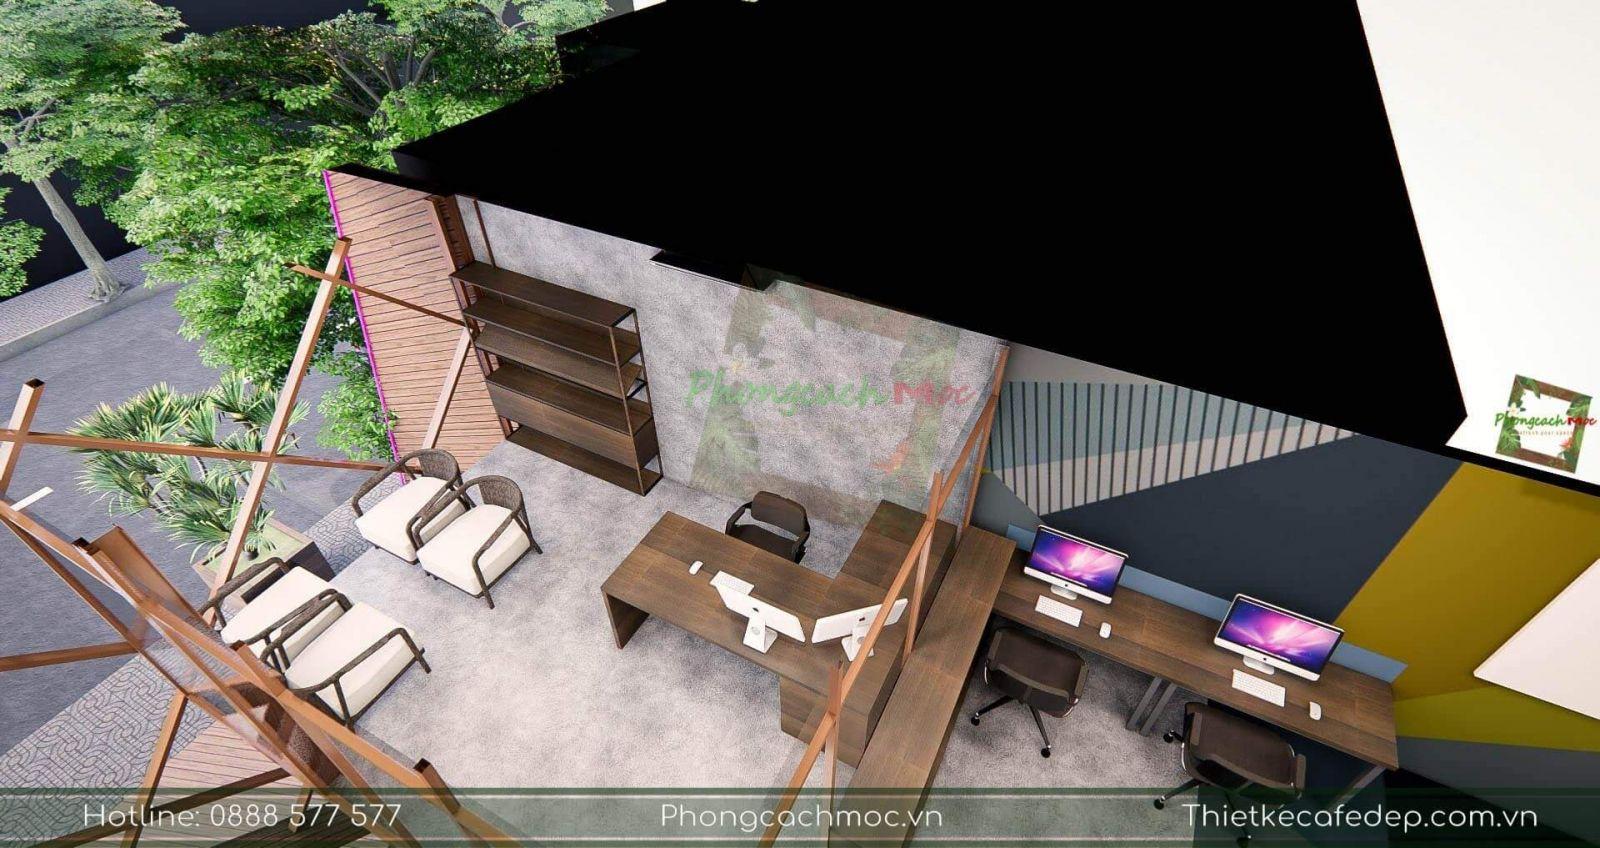 kts thiết kế nội thất văn phòng pcm tại quận 2